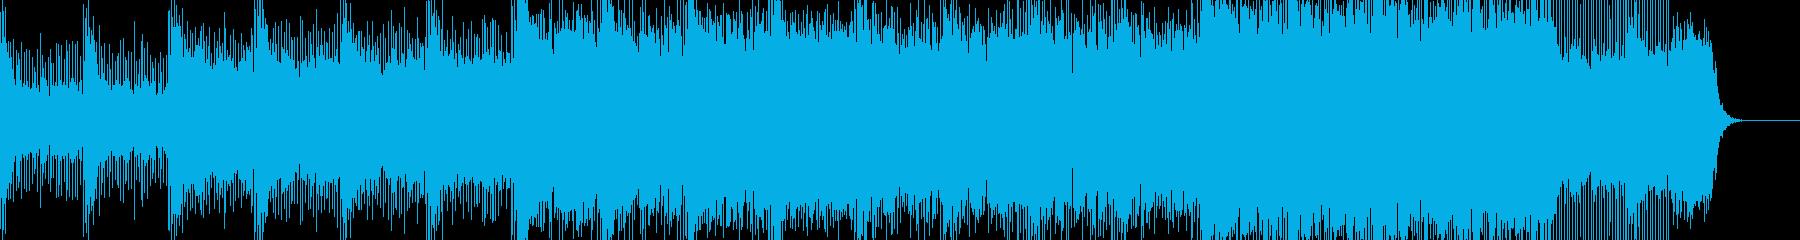 神秘的で異世界的な雰囲気のエレクトロニカの再生済みの波形